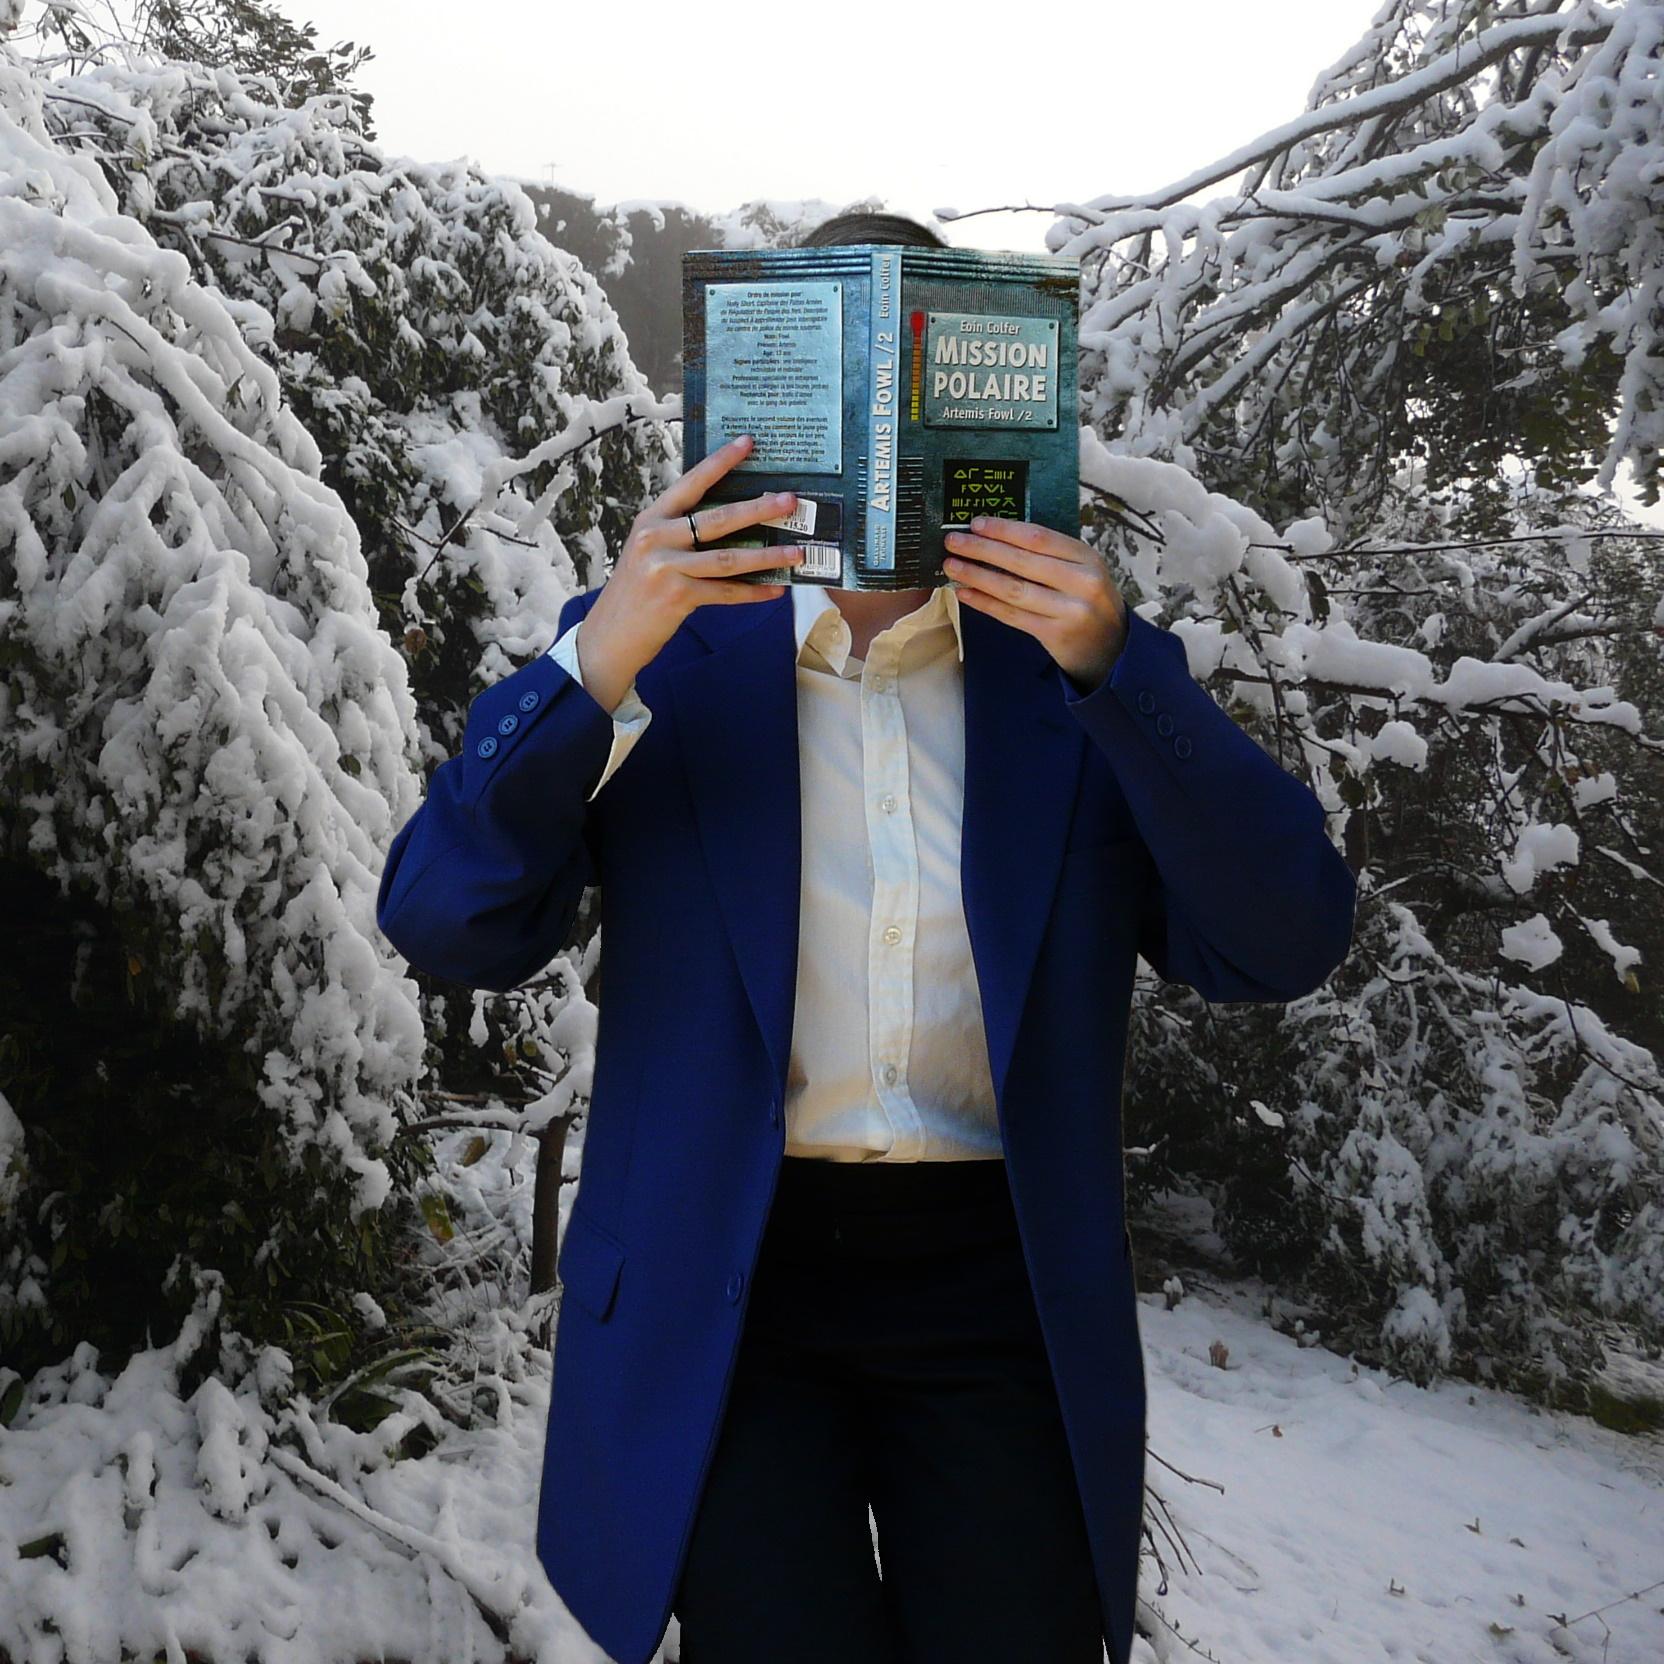 personne en costume bleu lisant Artémis Fowl : Mission Polaire d'Eoin Colfer dans la neige